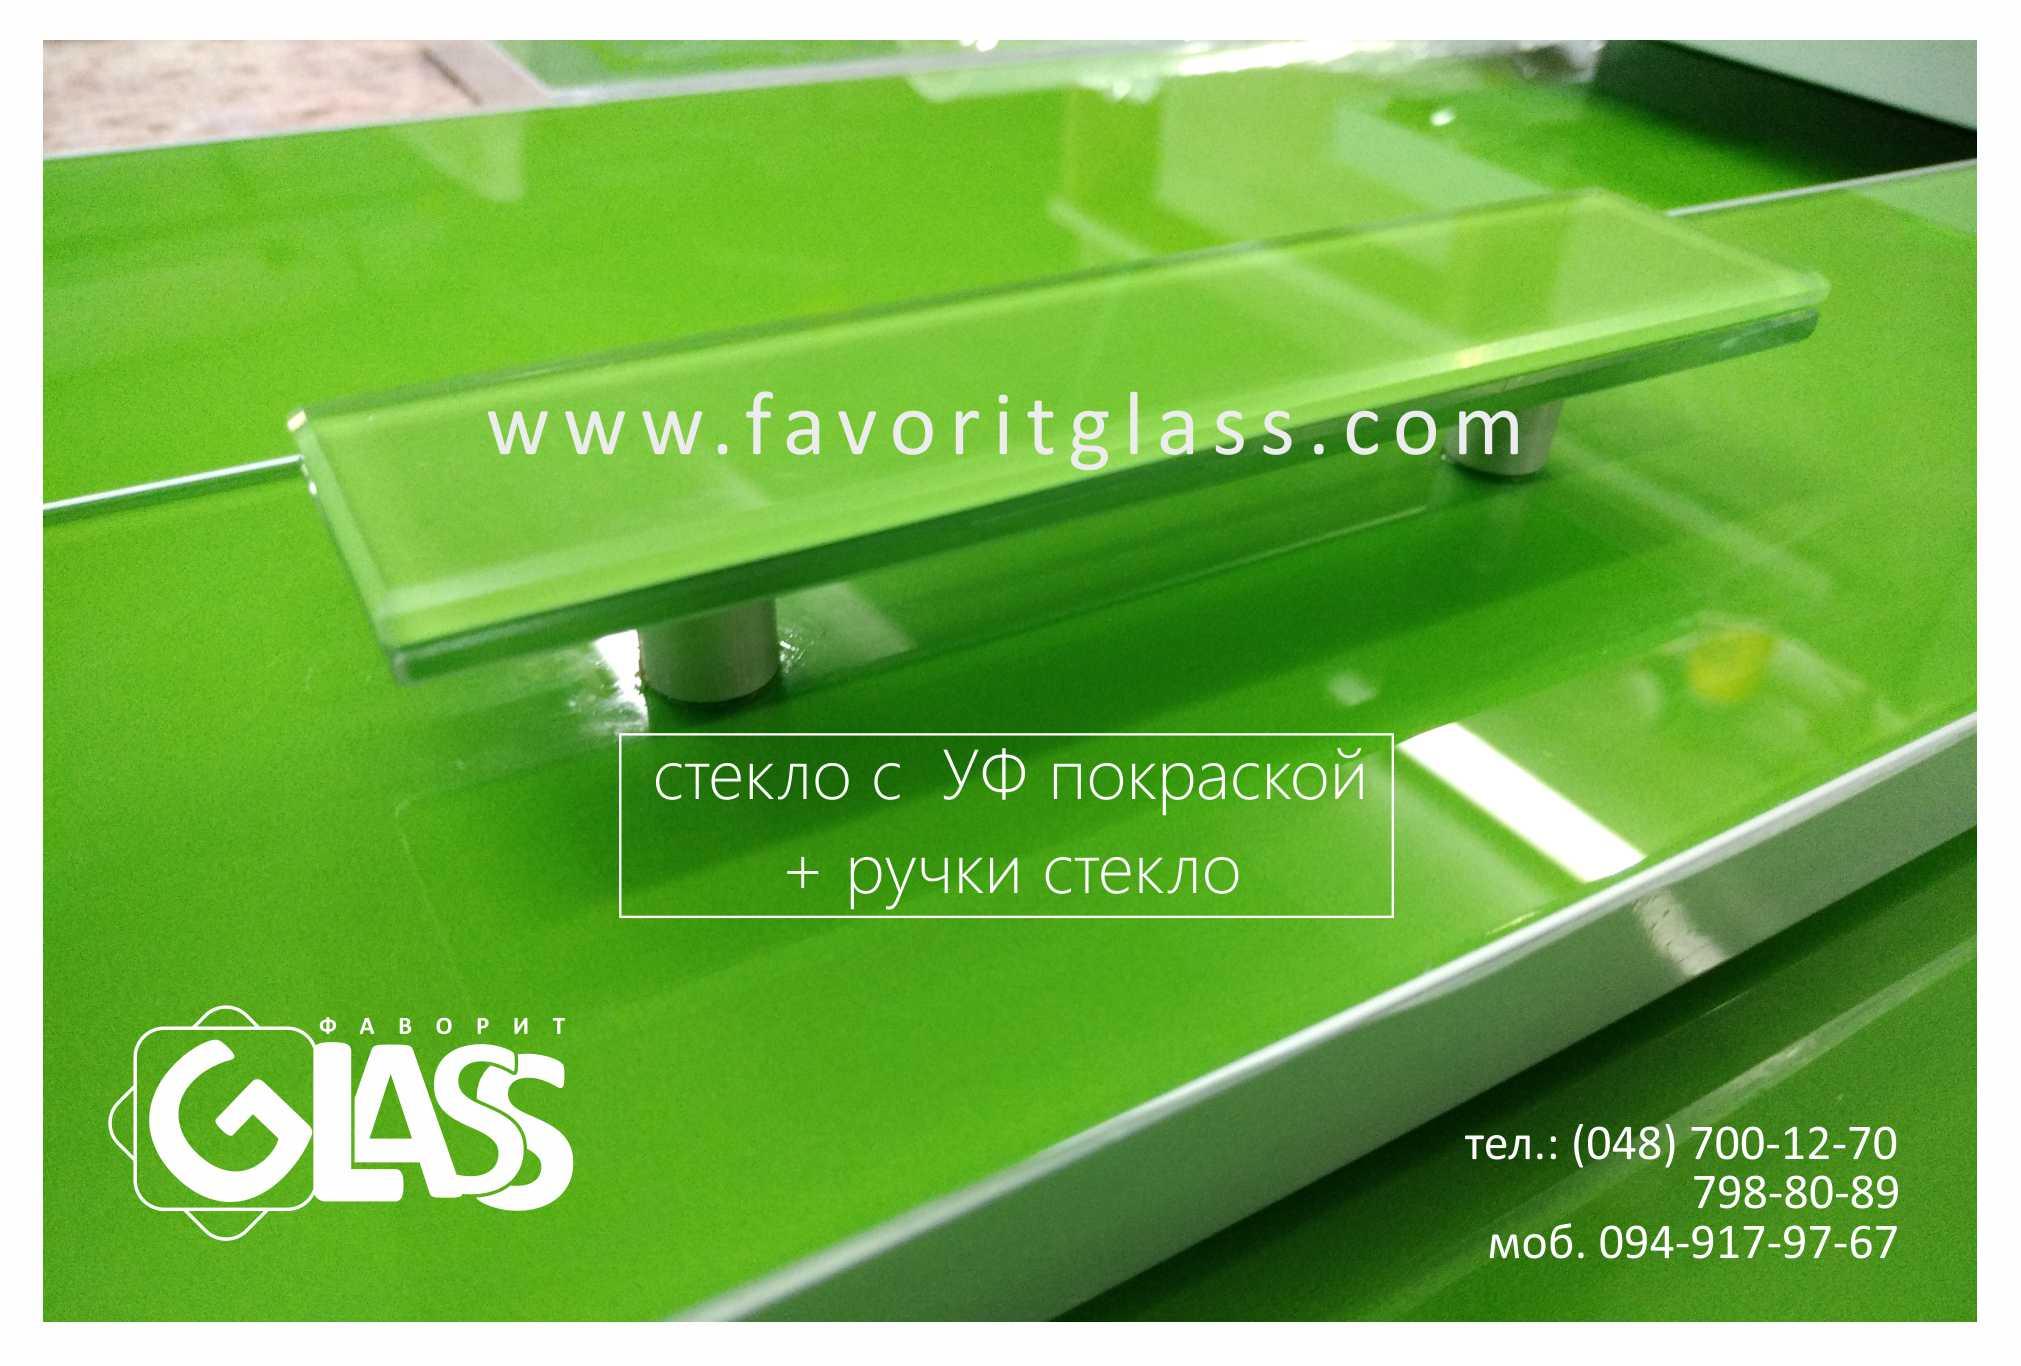 УФ покраска стекла + ручка из стекла 3.j